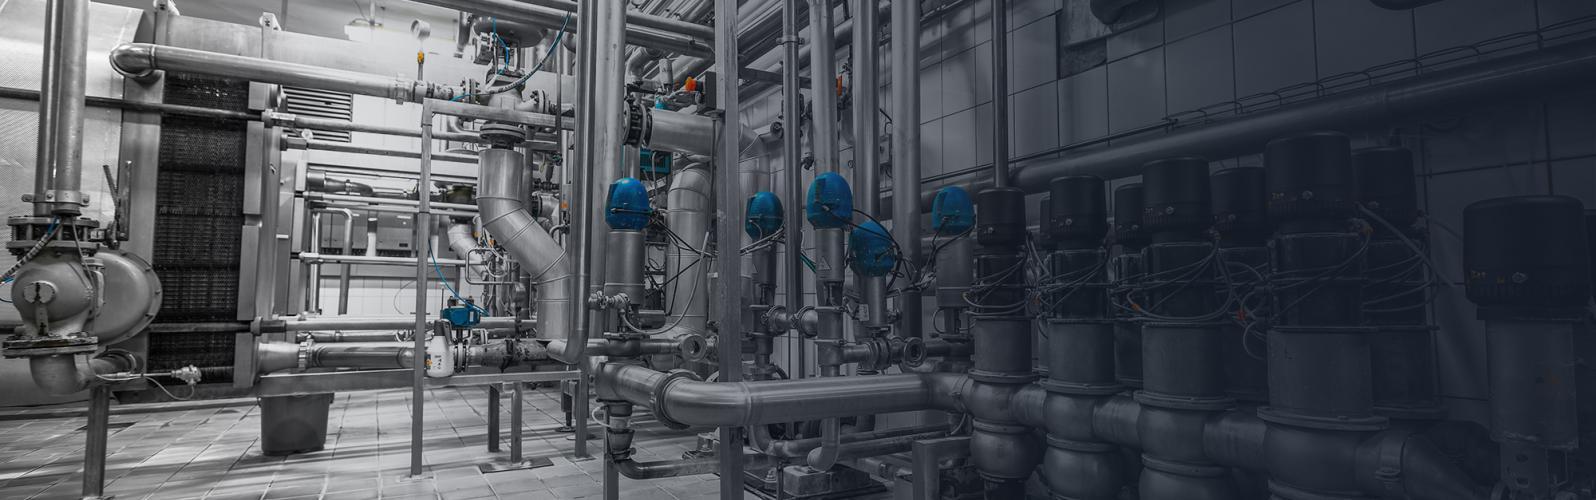 PCM是输送、定量给料、混合以及灌装用食品泵和系统的领先制造商。